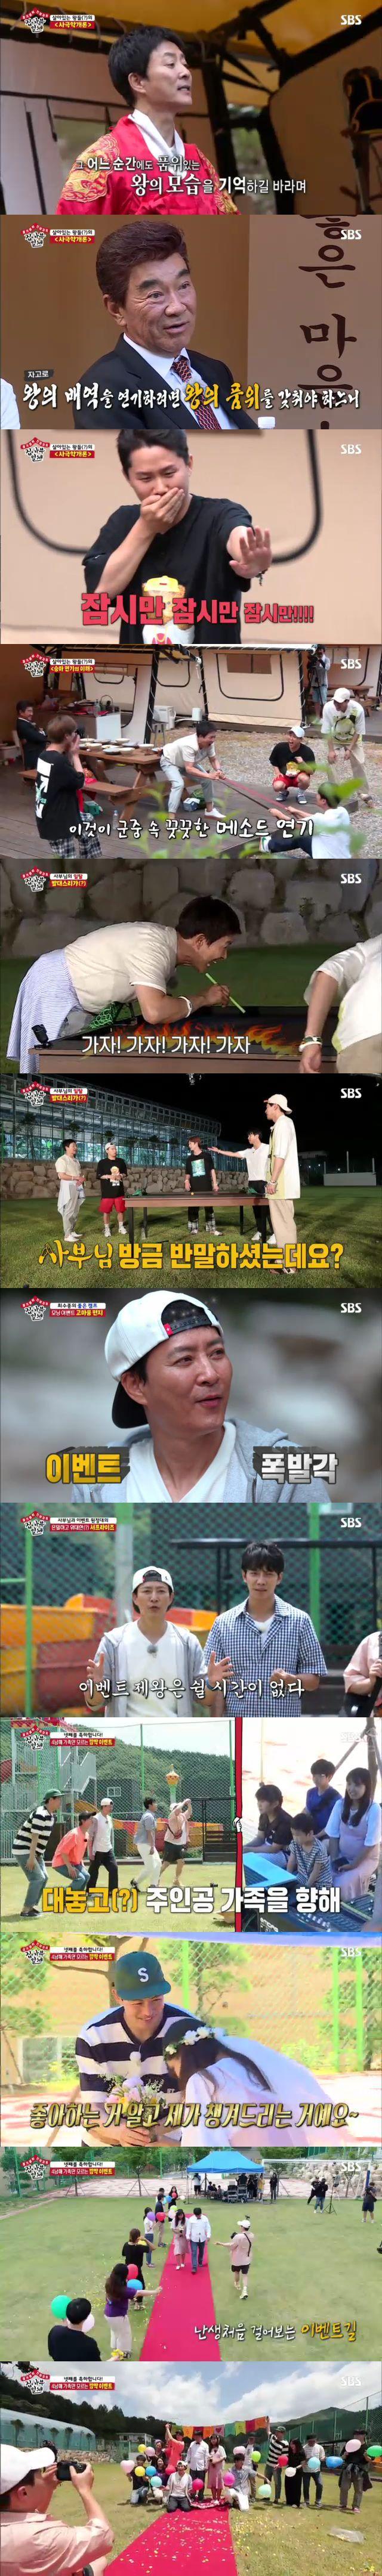 SBS 방송 캡처 © 뉴스1